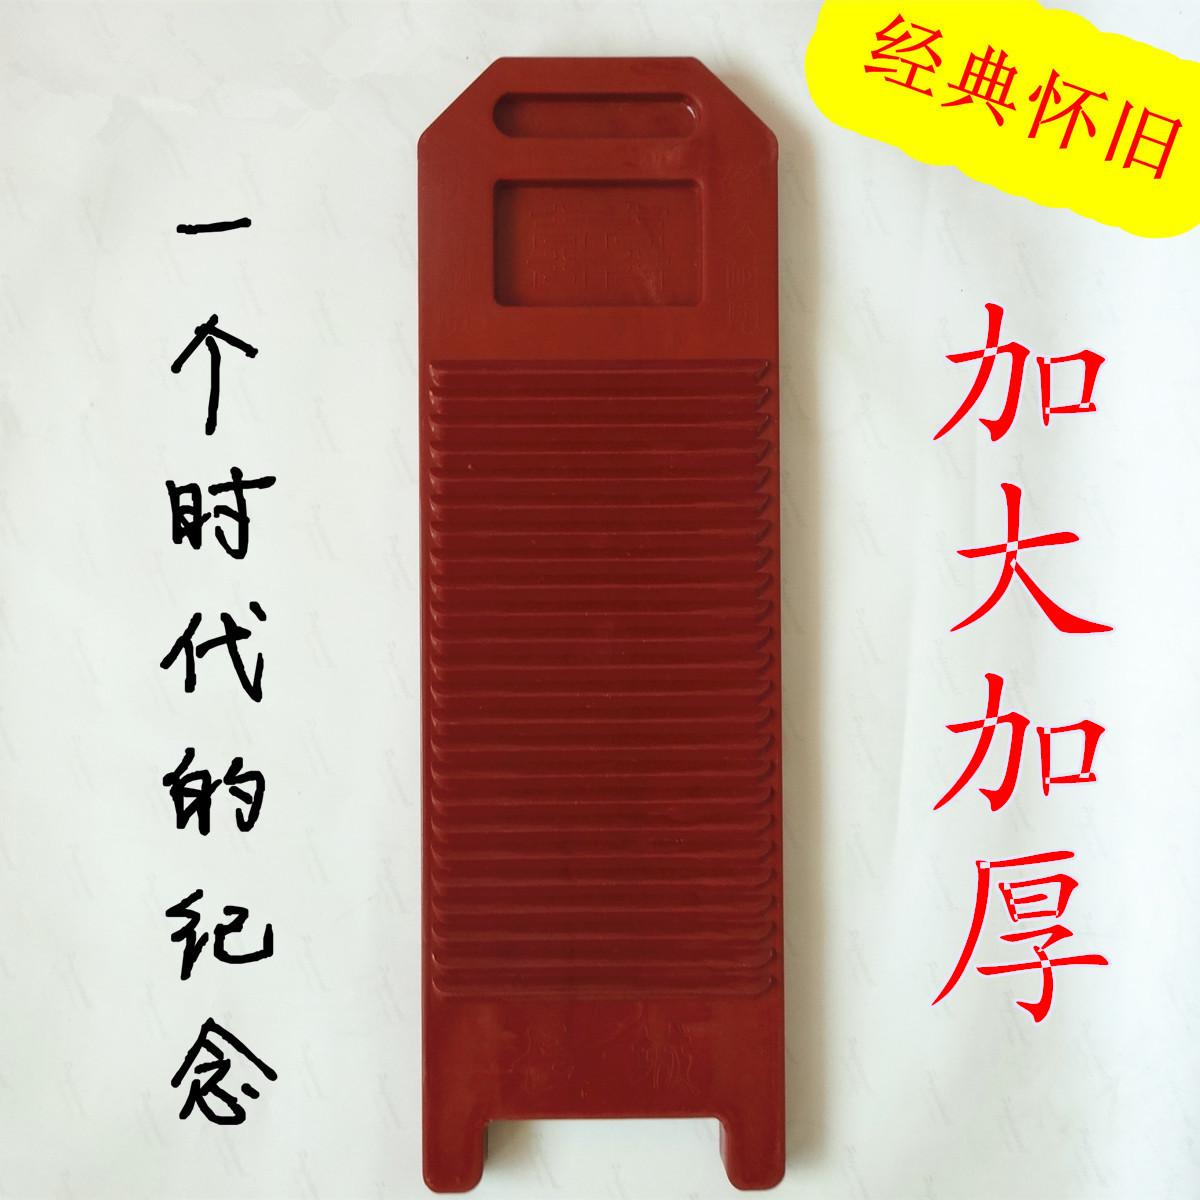 包邮大号加长加厚家用老式搓衣板洗衣板罚跪板耐用熟塑料搓板